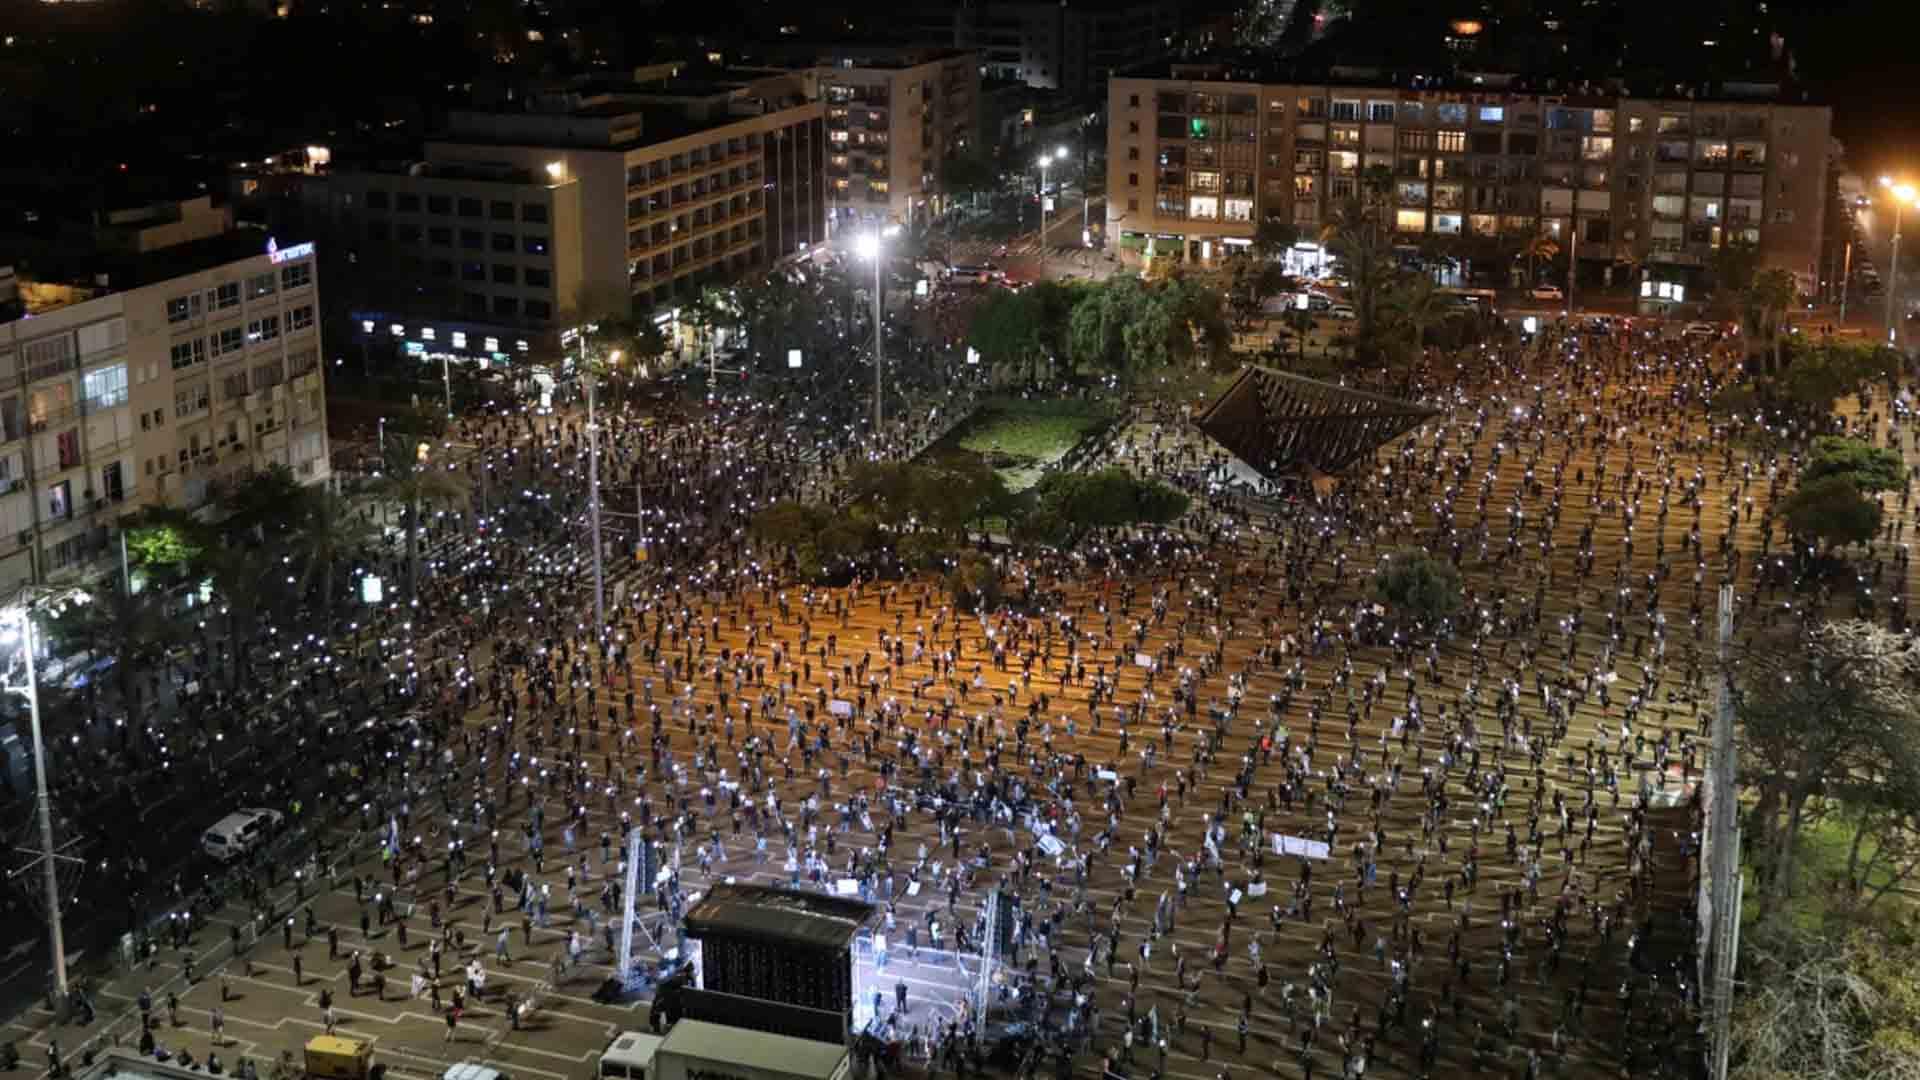 La protesta a distanza di Tel Aviv